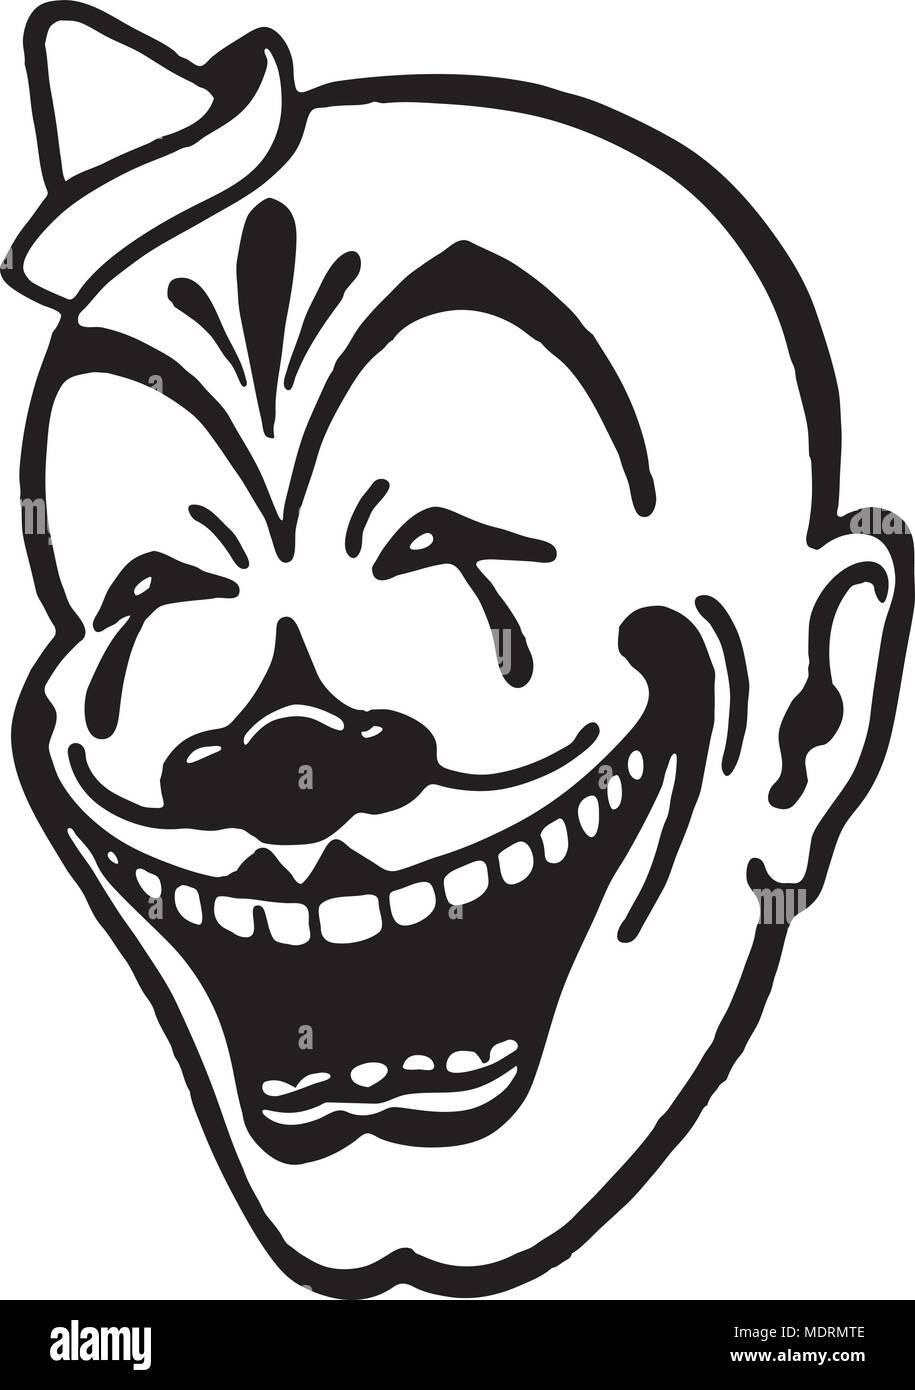 Faccia Da Clown Retrò Illustrazione Clipart Illustrazione